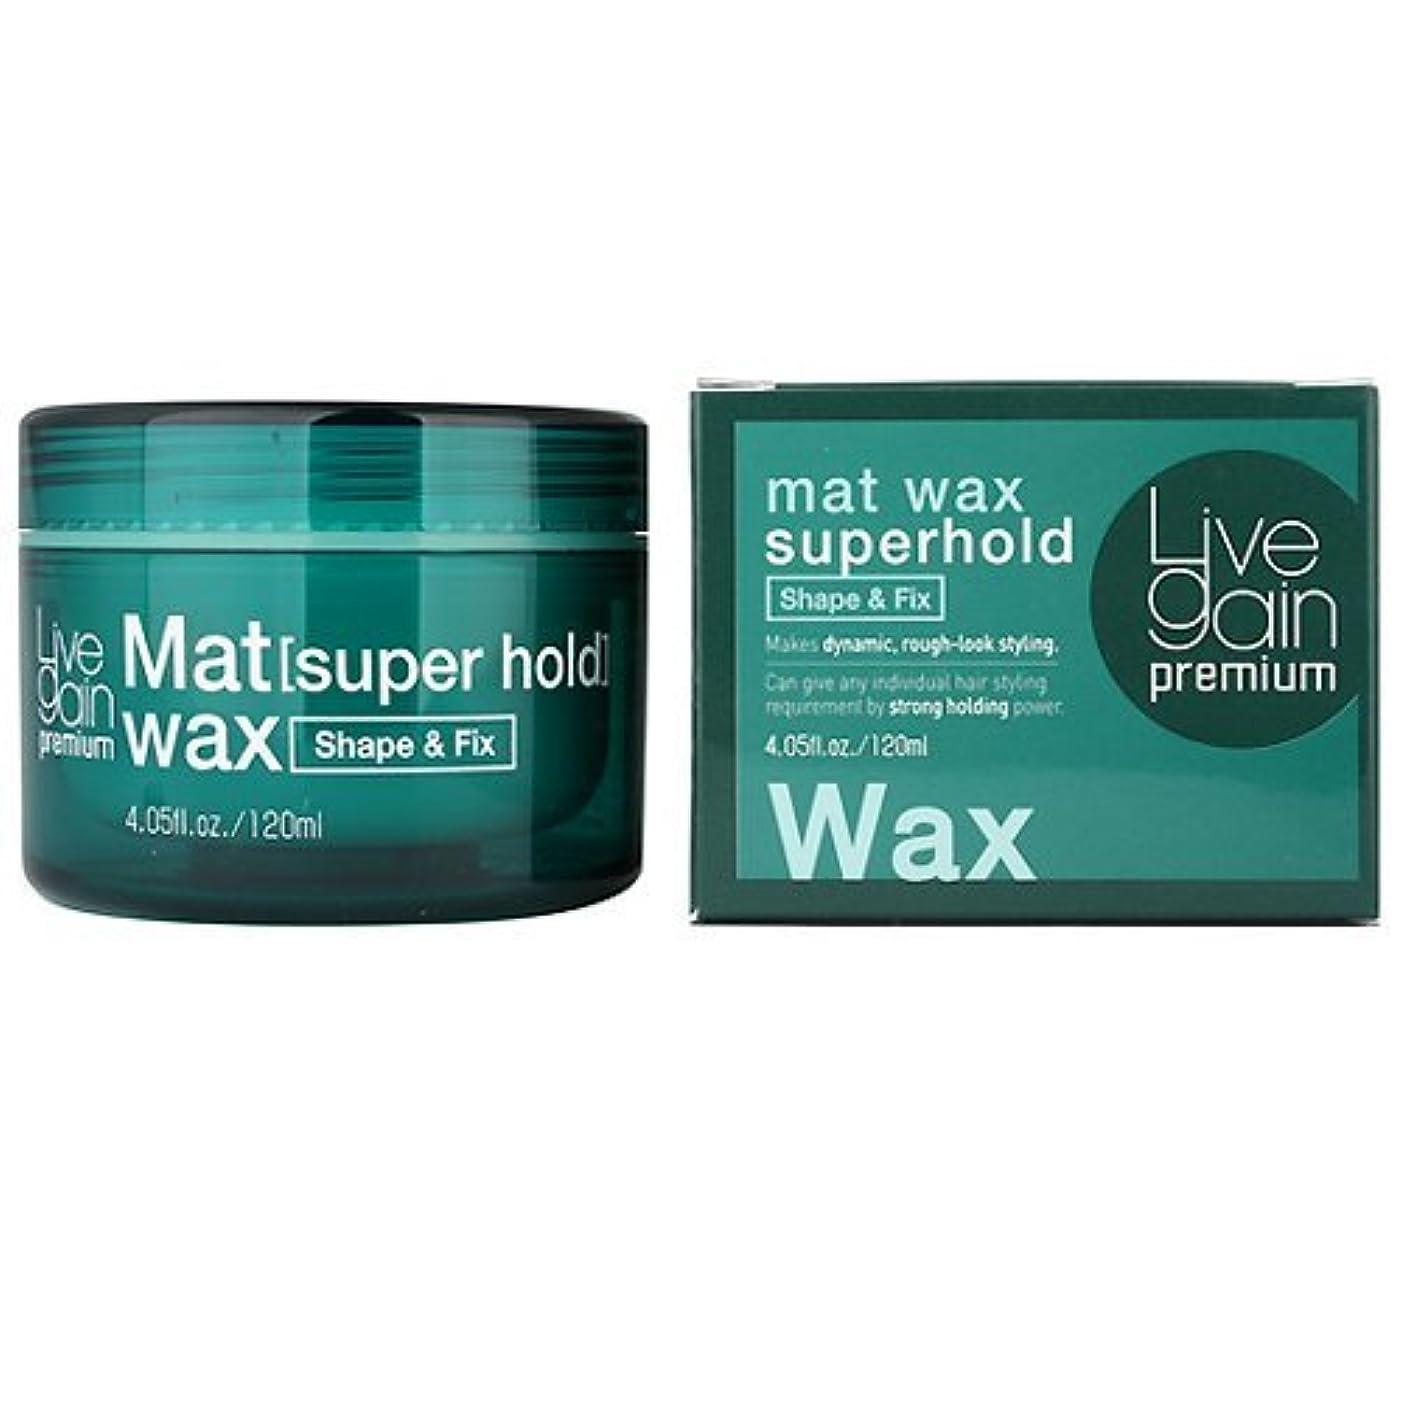 なくなる春バランスLivegain プレミアム マット ワックス スーパーホールド 120ml マット ヘア ワックス ストロング ホールド (Premium Mat Wax Superhold 120ml Matte Hair wax...